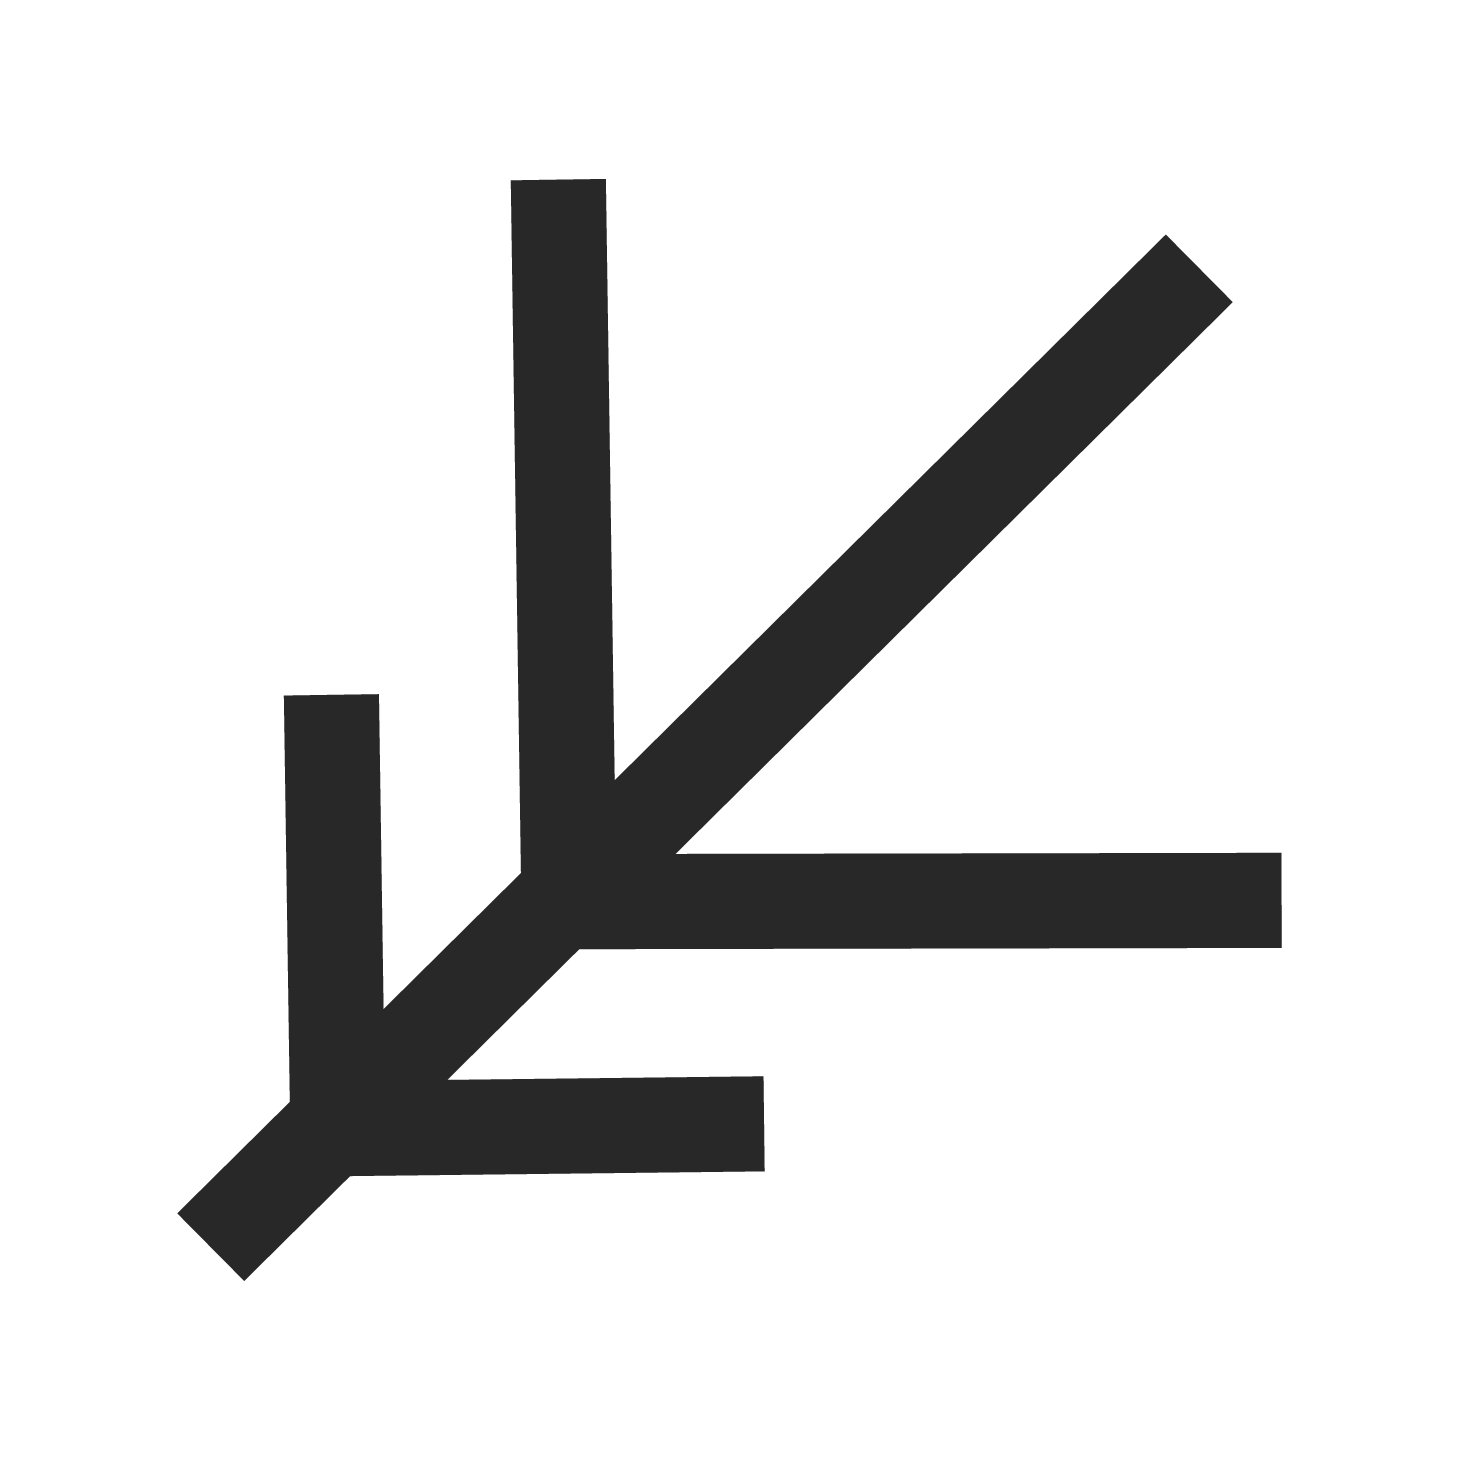 Cultivate Design Co_icon_dark.png